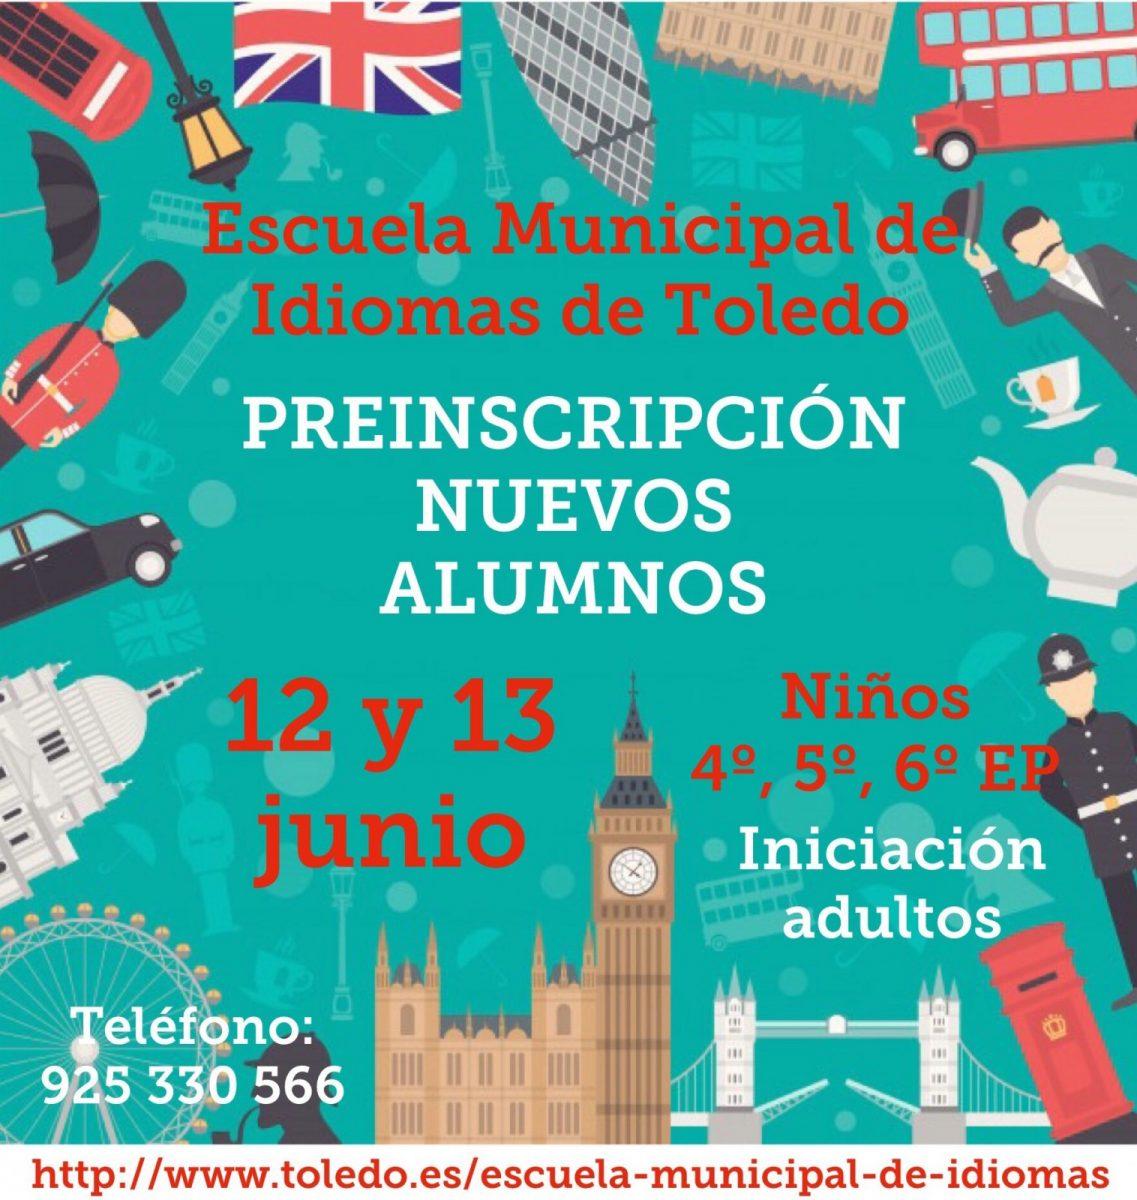 https://www.toledo.es/wp-content/uploads/2019/05/img_3030-1137x1200.jpg. Escuela de Idiomas. Preinscripciones y matrículas: alumnos de nuevo ingreso